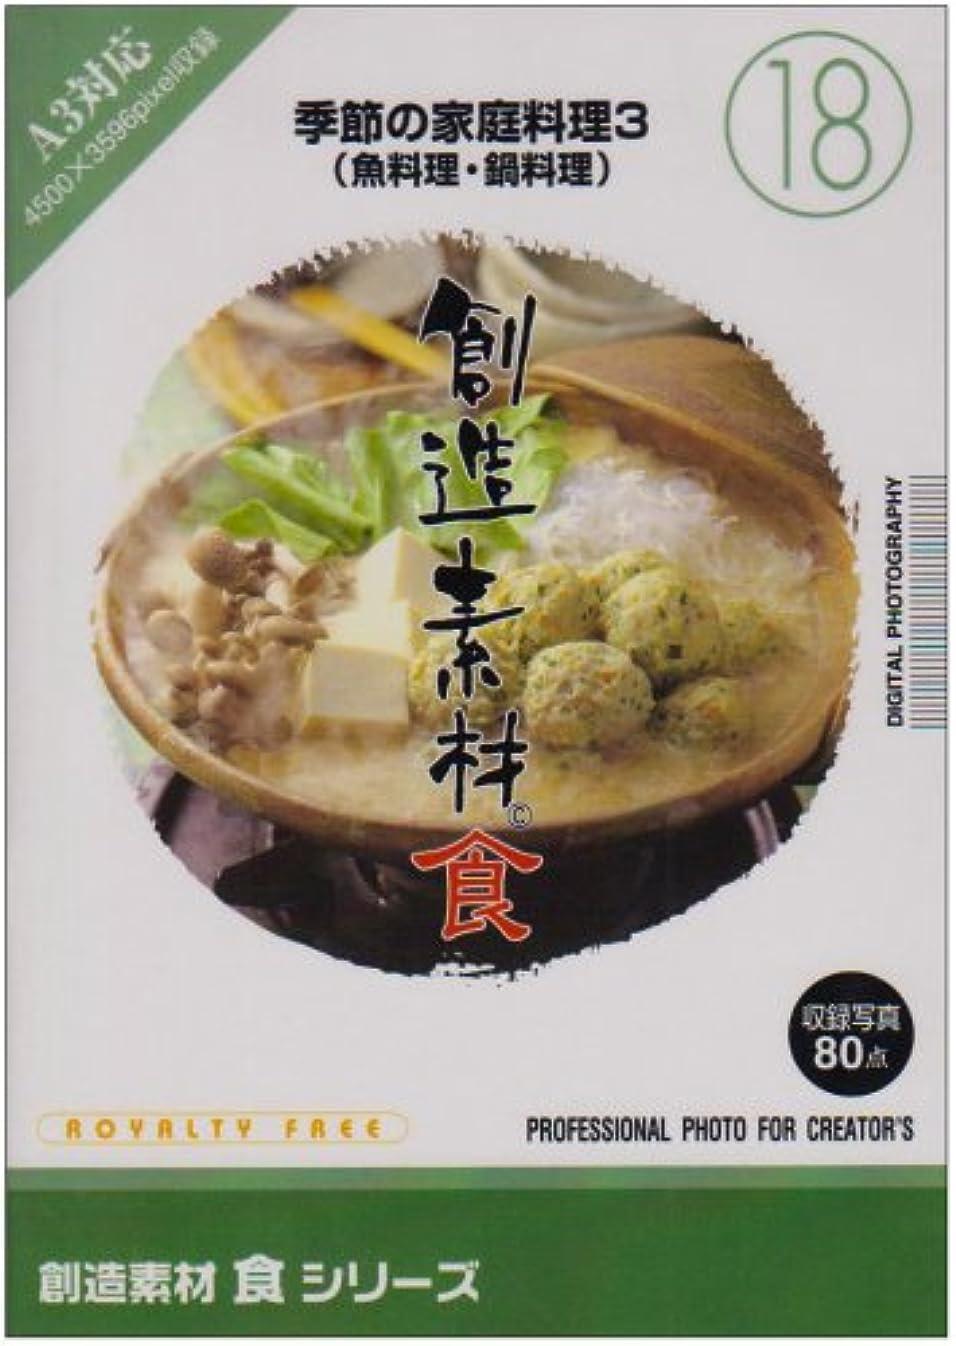 事ランク積極的に創造素材 食(18) 季節の家庭料理3(魚料理?鍋料理)